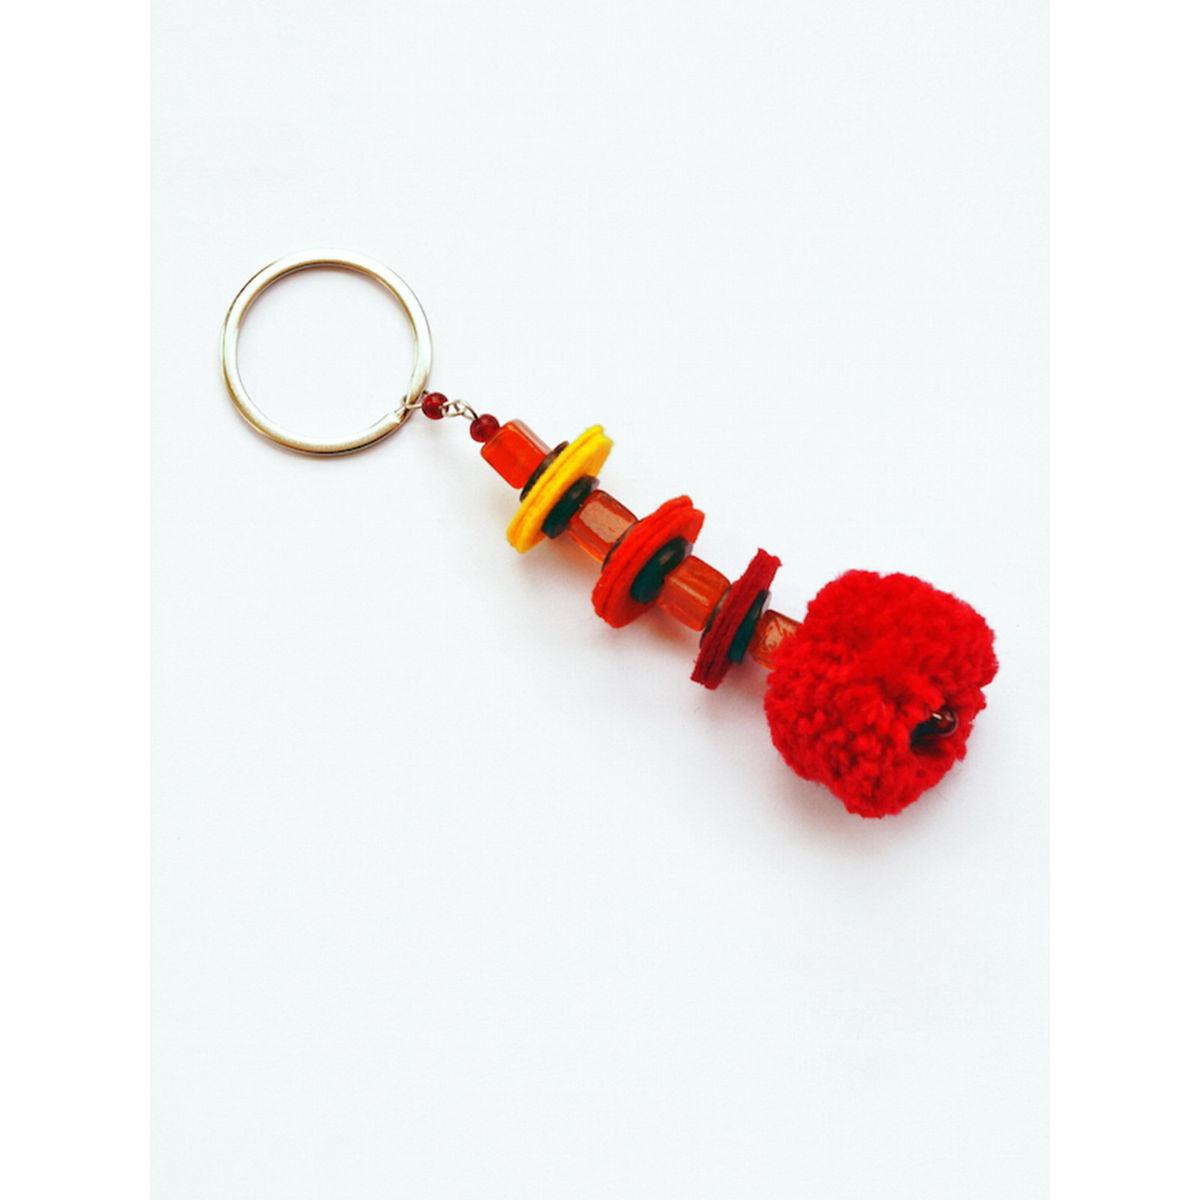 Munchkin Keychain - Red